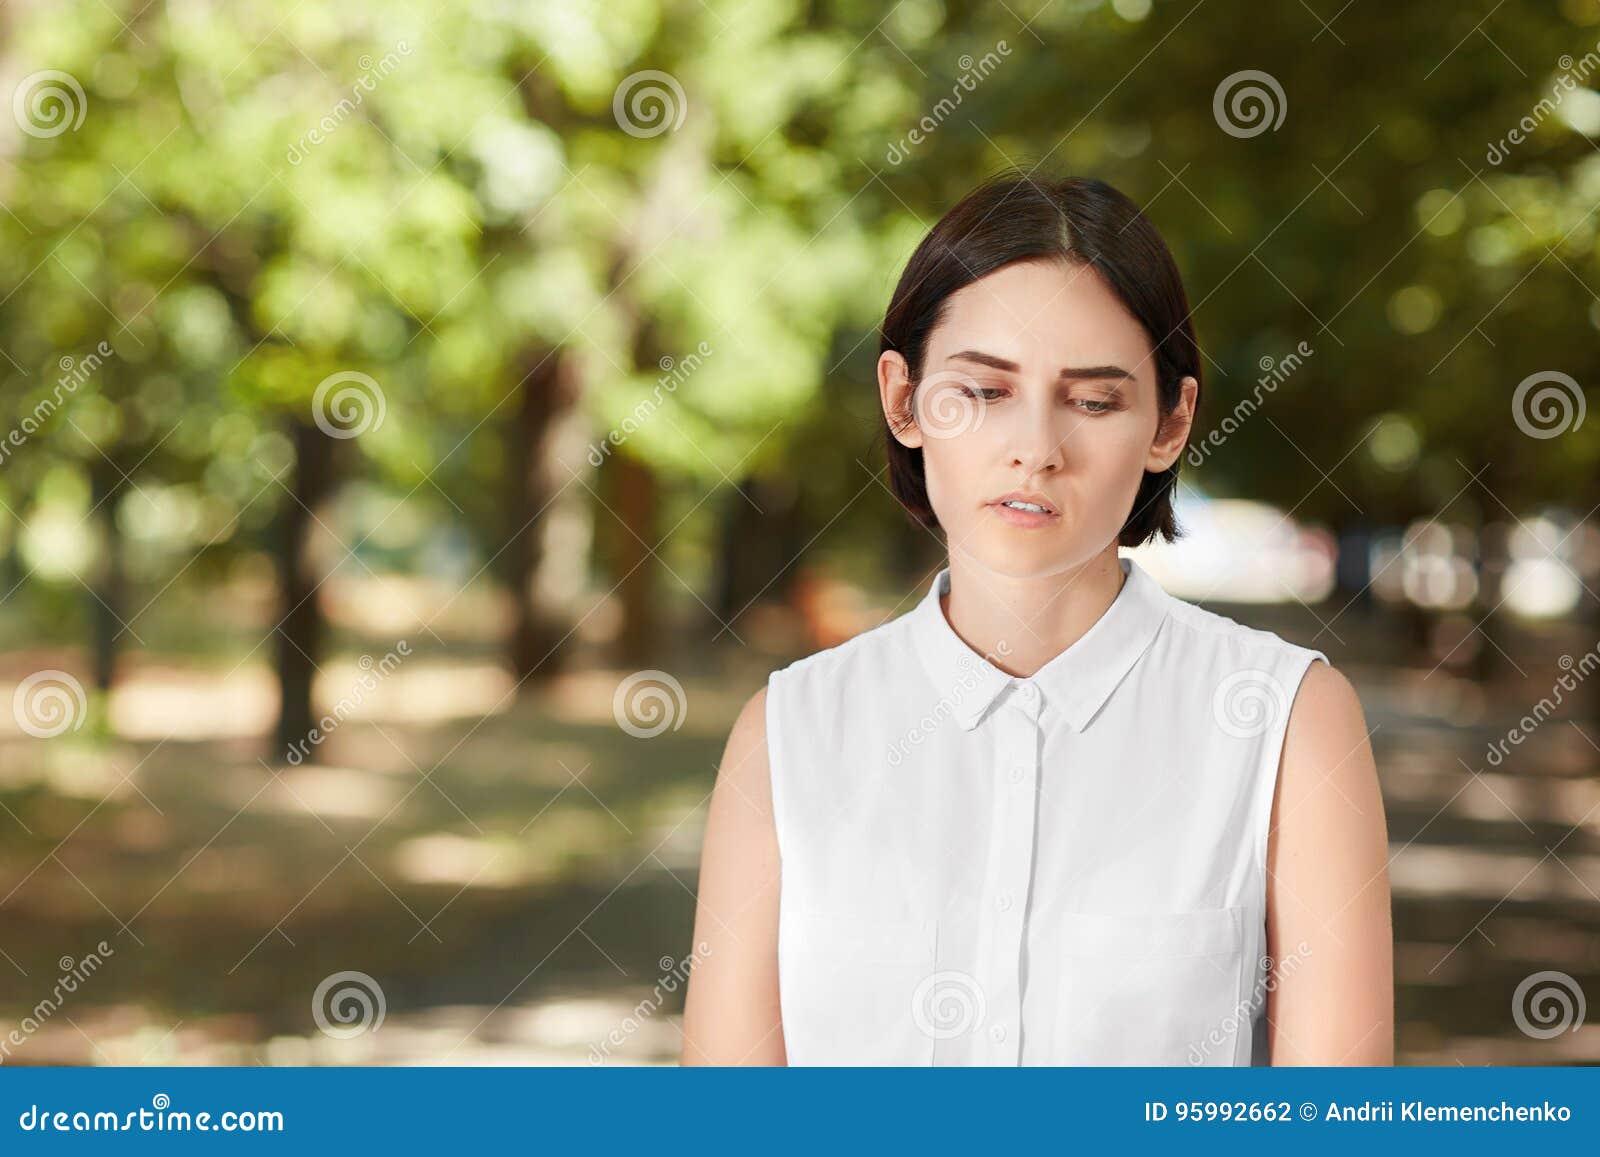 Профессиональная привлекательная женщина в вскользь рубашке на естественной предпосылке Уверенно дама идущ и смотрящ вниз в парке